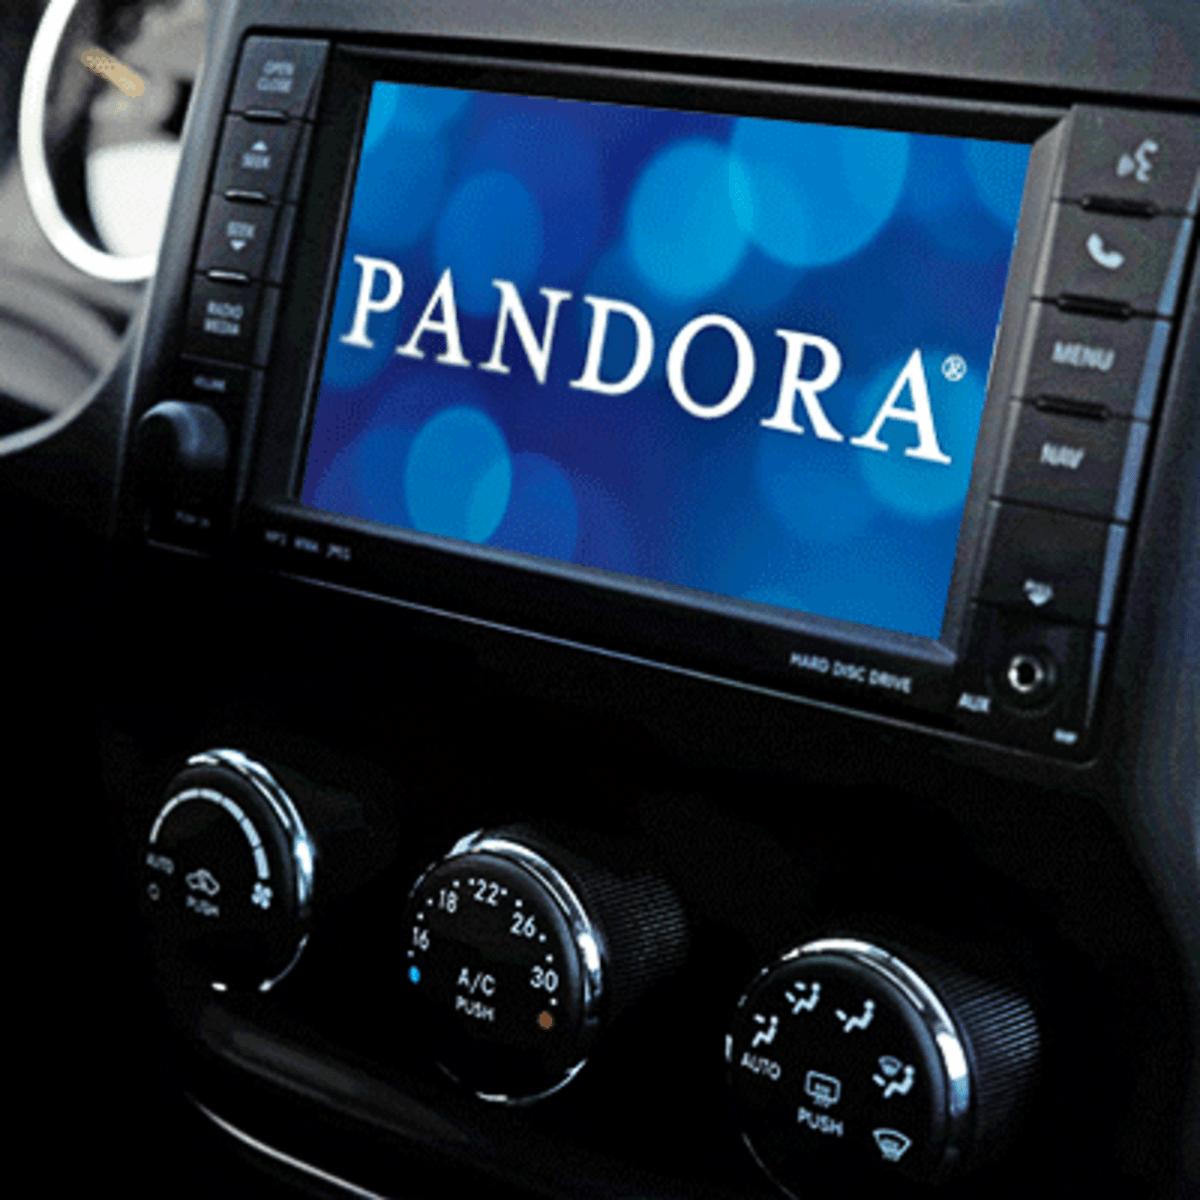 Pandora P Finally Agrees To Deal With Sirius Xm Siri Satellite Radio Thestreet